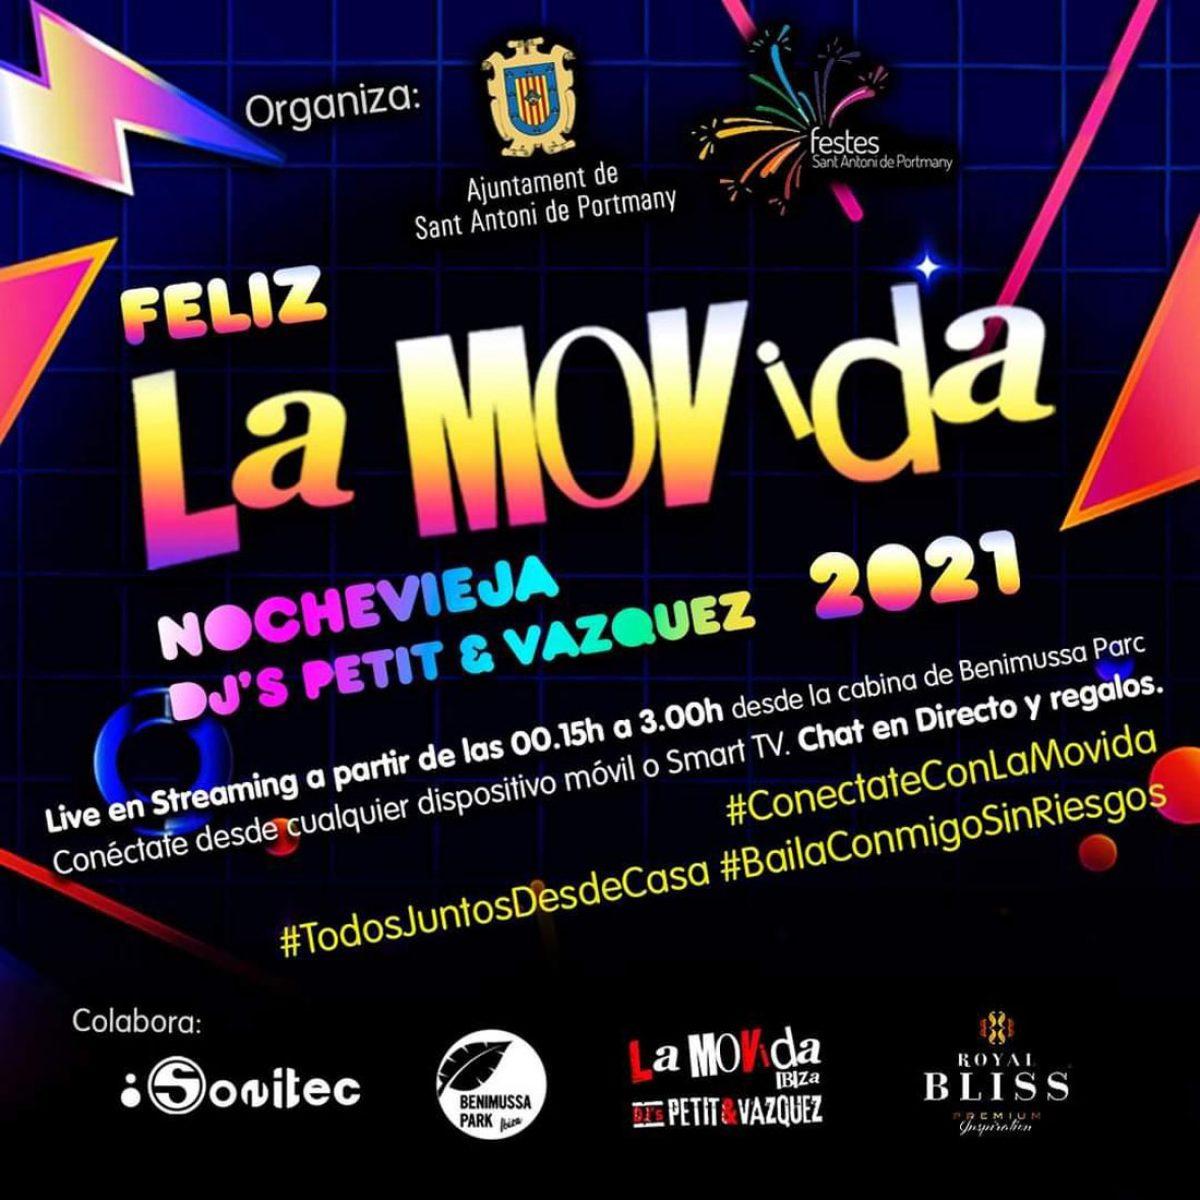 nochevieja-ibiza-2020-la-movida-streaming-welcometoibiza